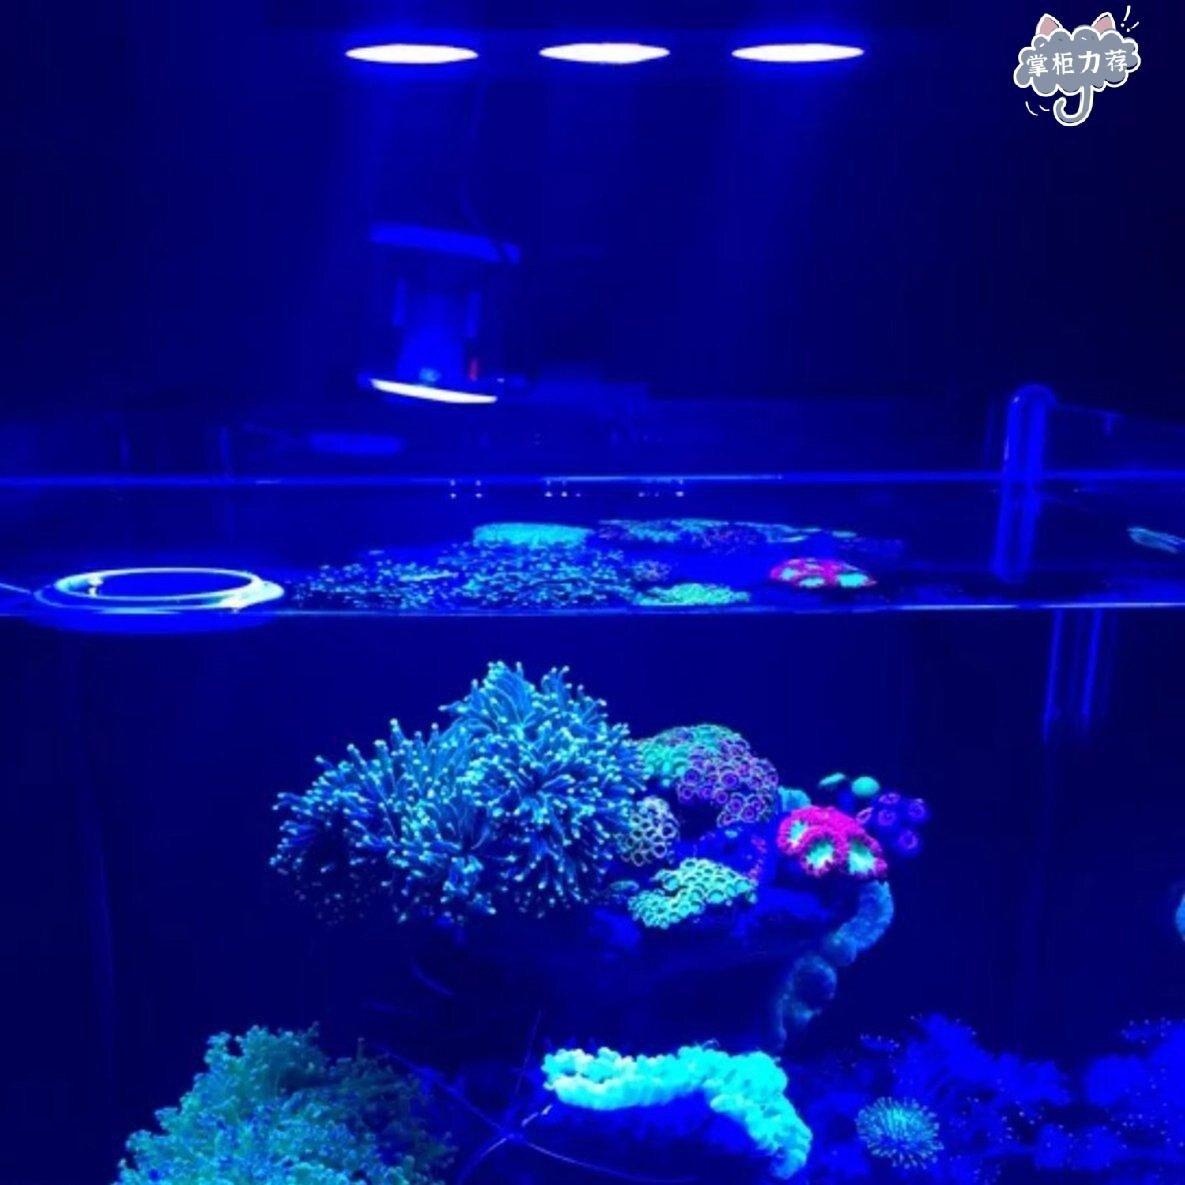 【全館免運】騎士水族燈 跨燈 魚缸燈 水族燈 燈具 藍白燈 全白燈 水草燈